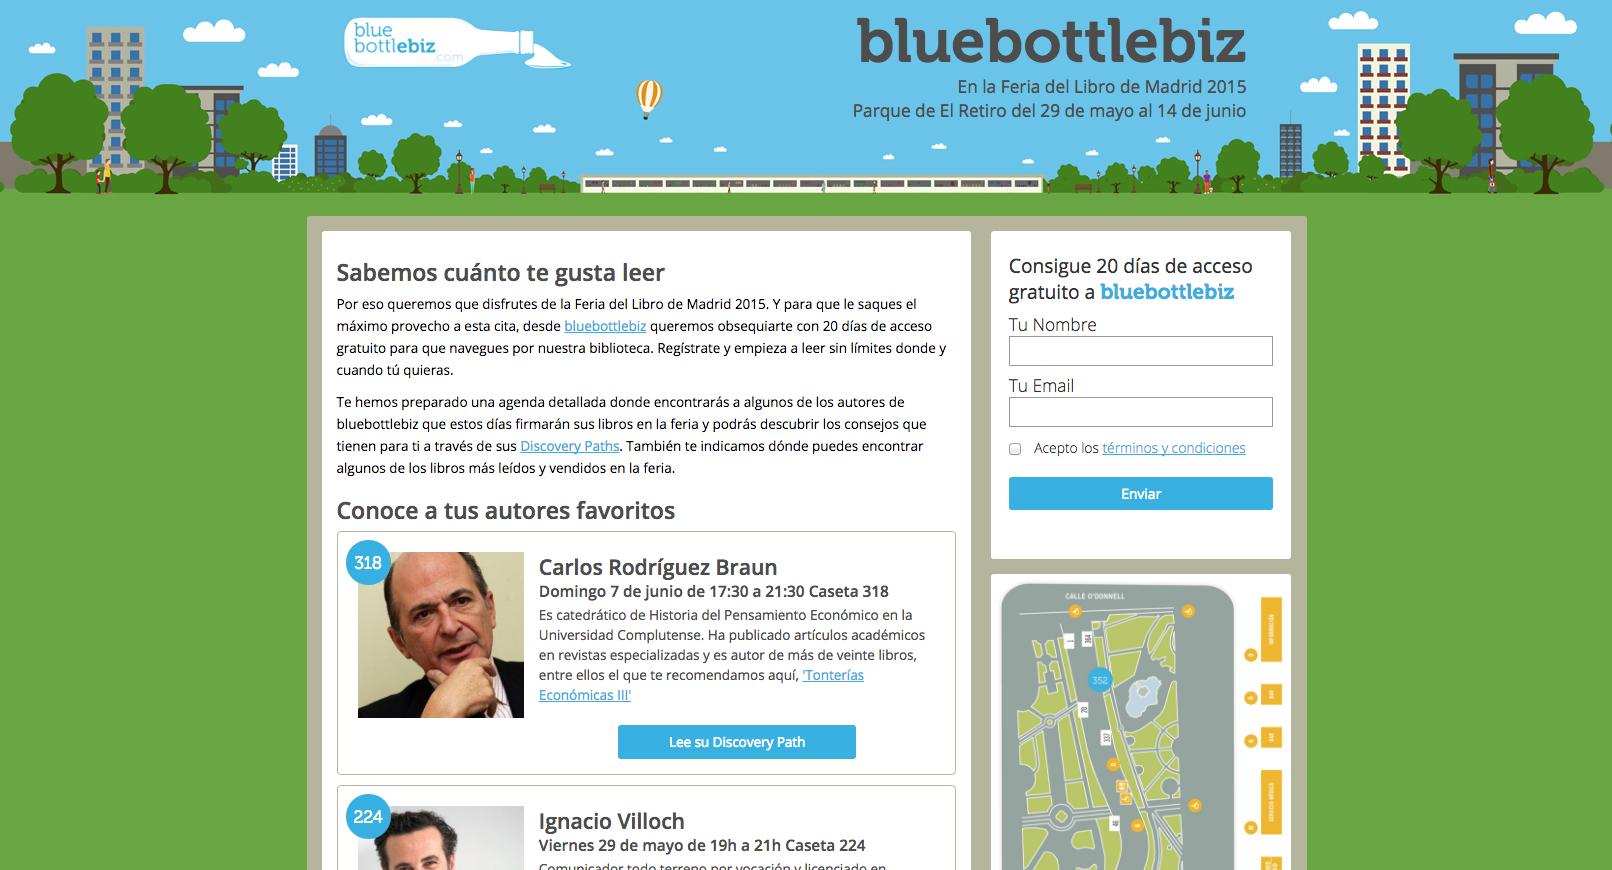 Captura de la landing page de la campaña flm2015 para bluebottlebiz